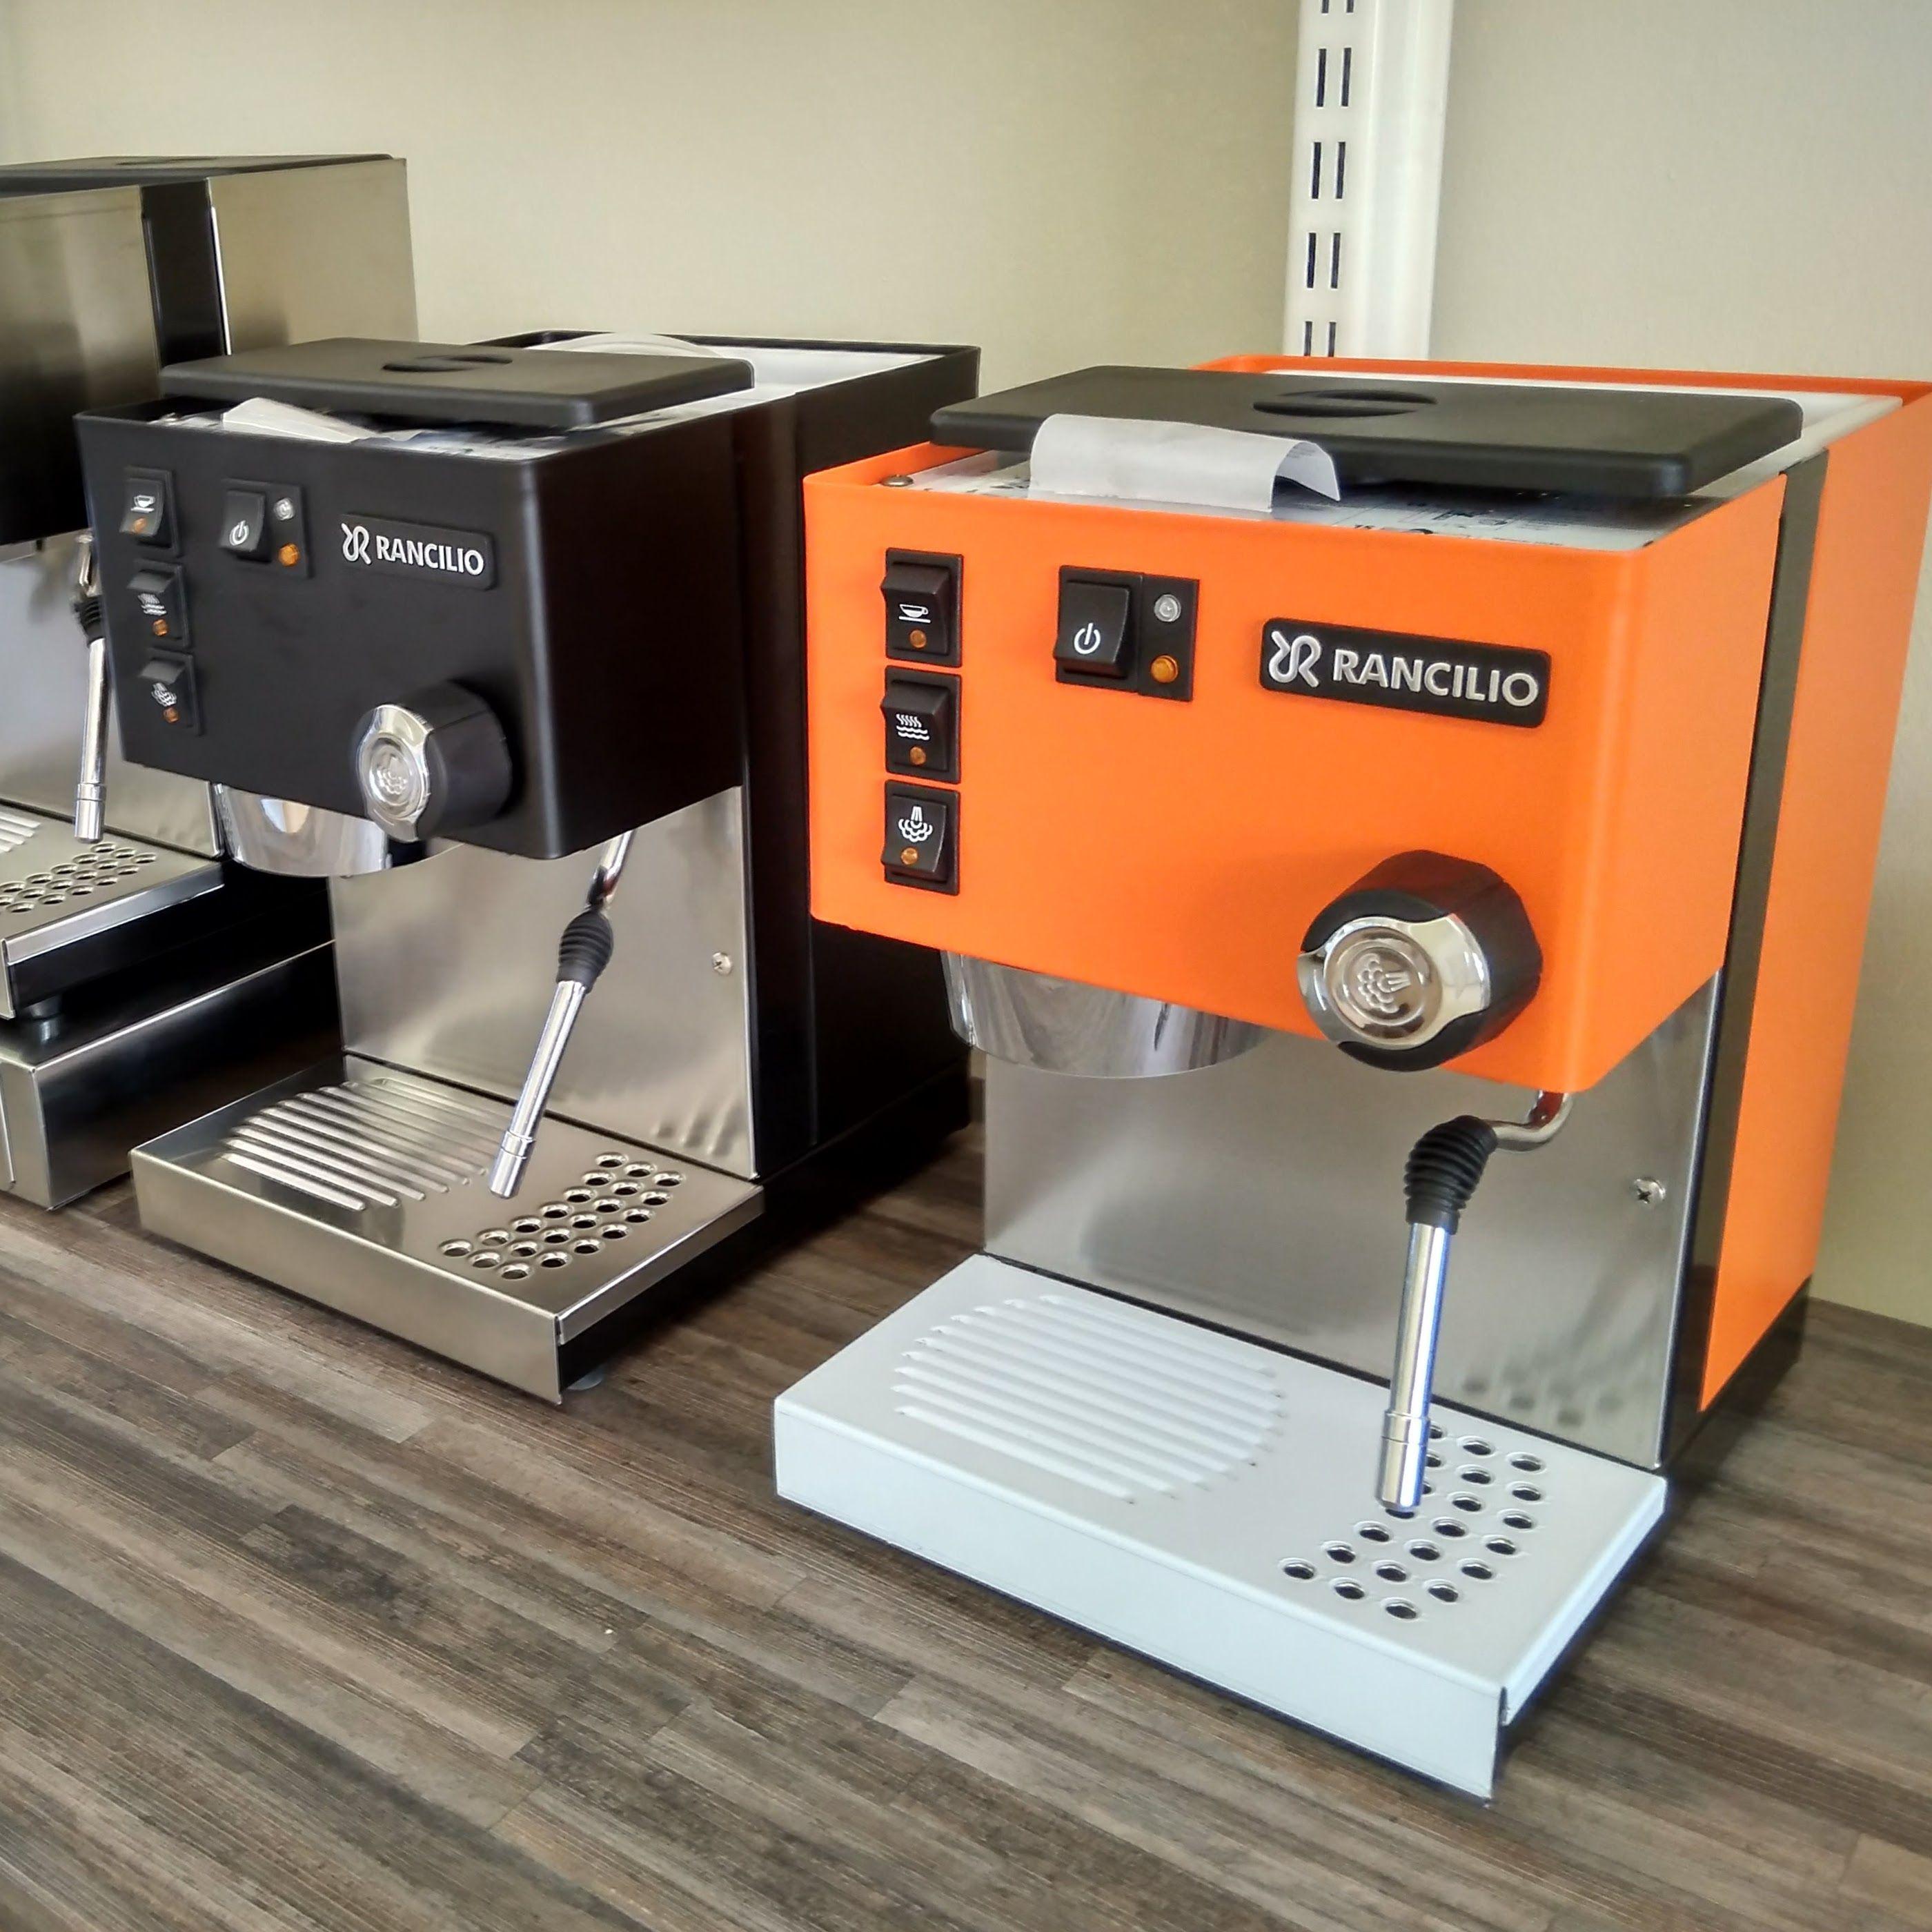 Rancilio Silvia Home Espresso Machine Loftstyle Projekte